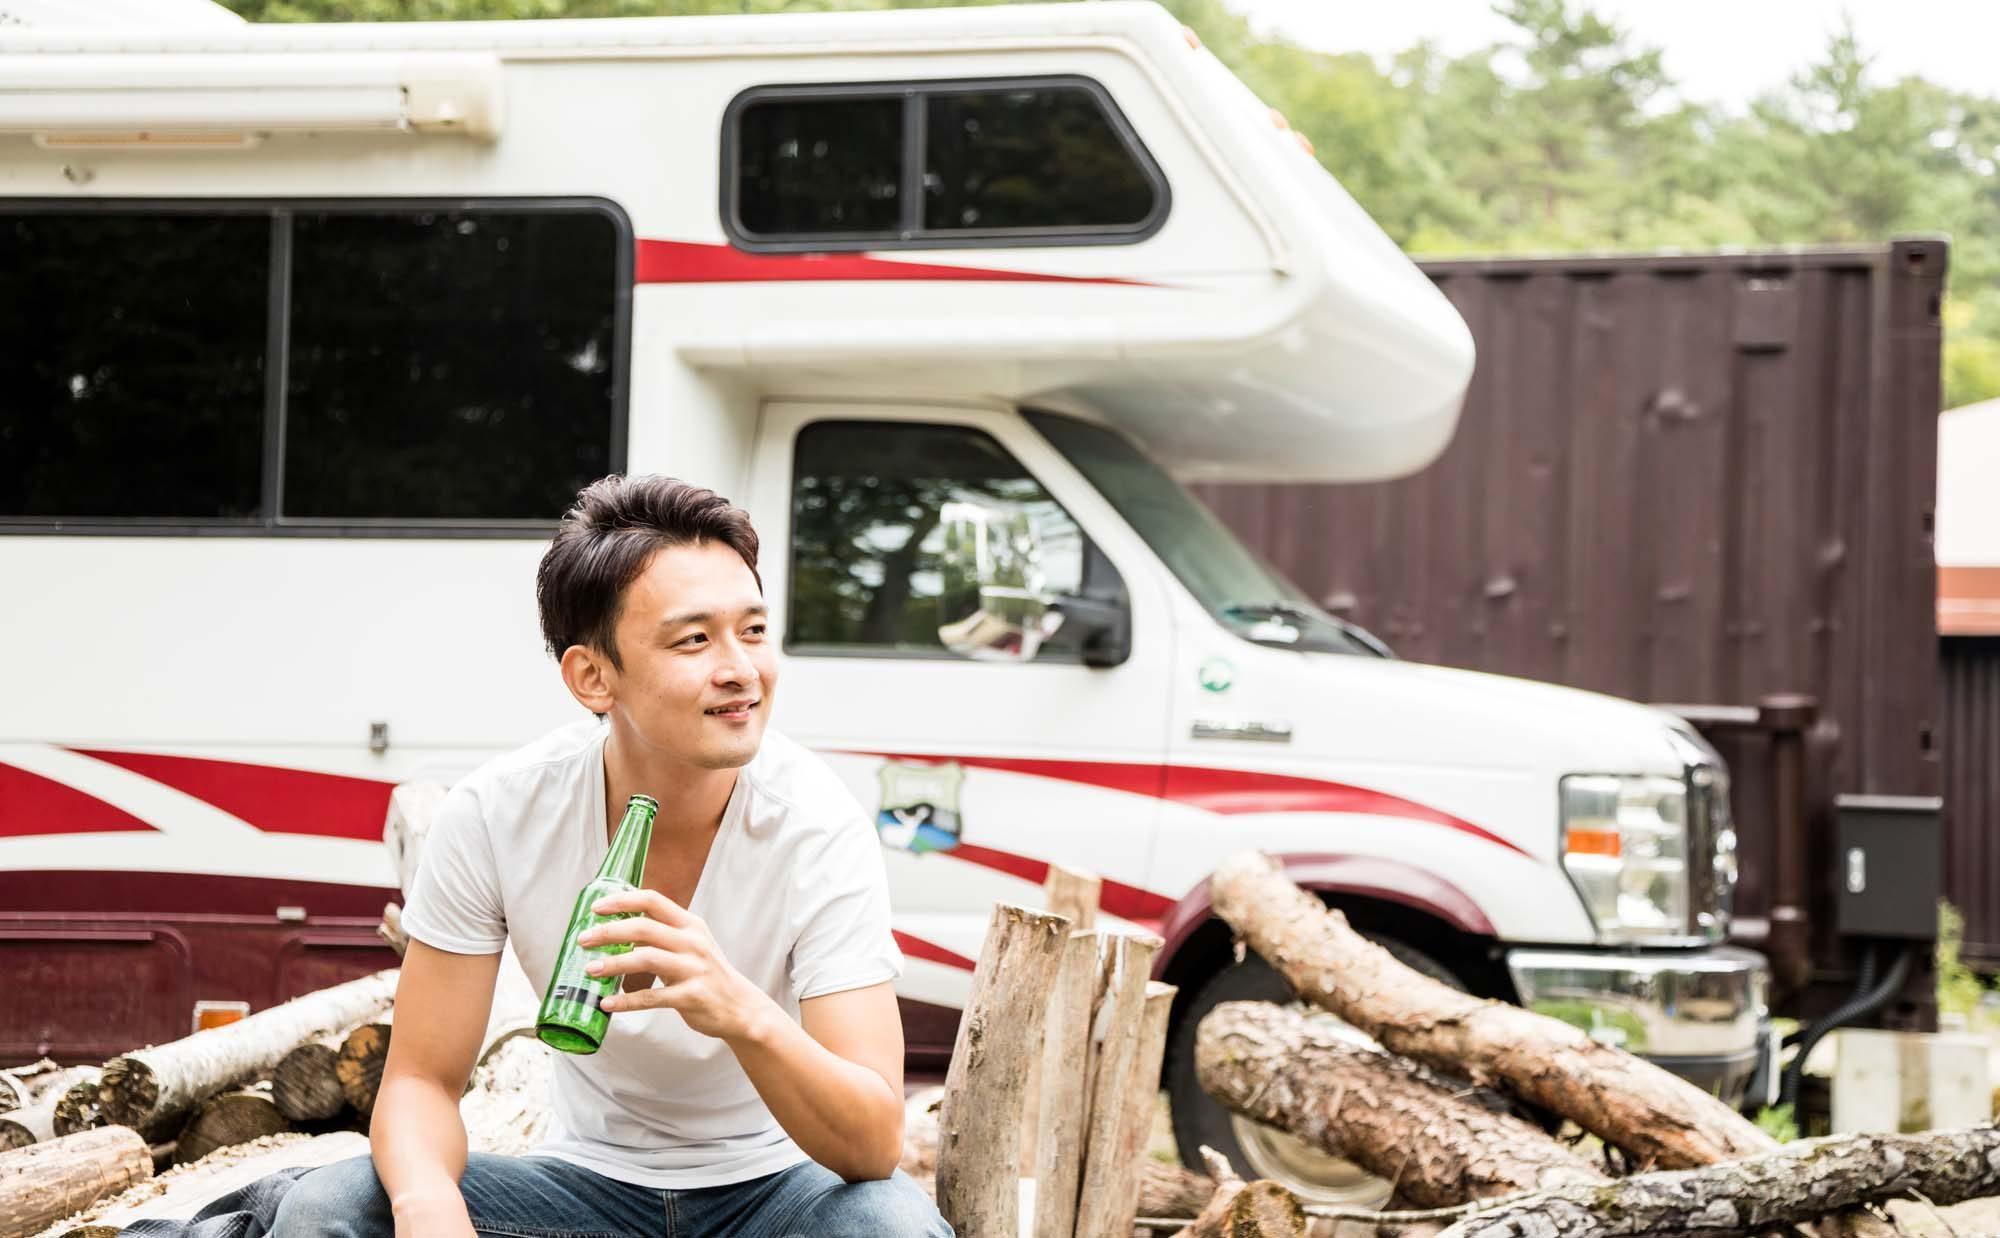 キャンピングカーで日本一周中! 毎日違う景色を楽しむ夫婦の暮らし